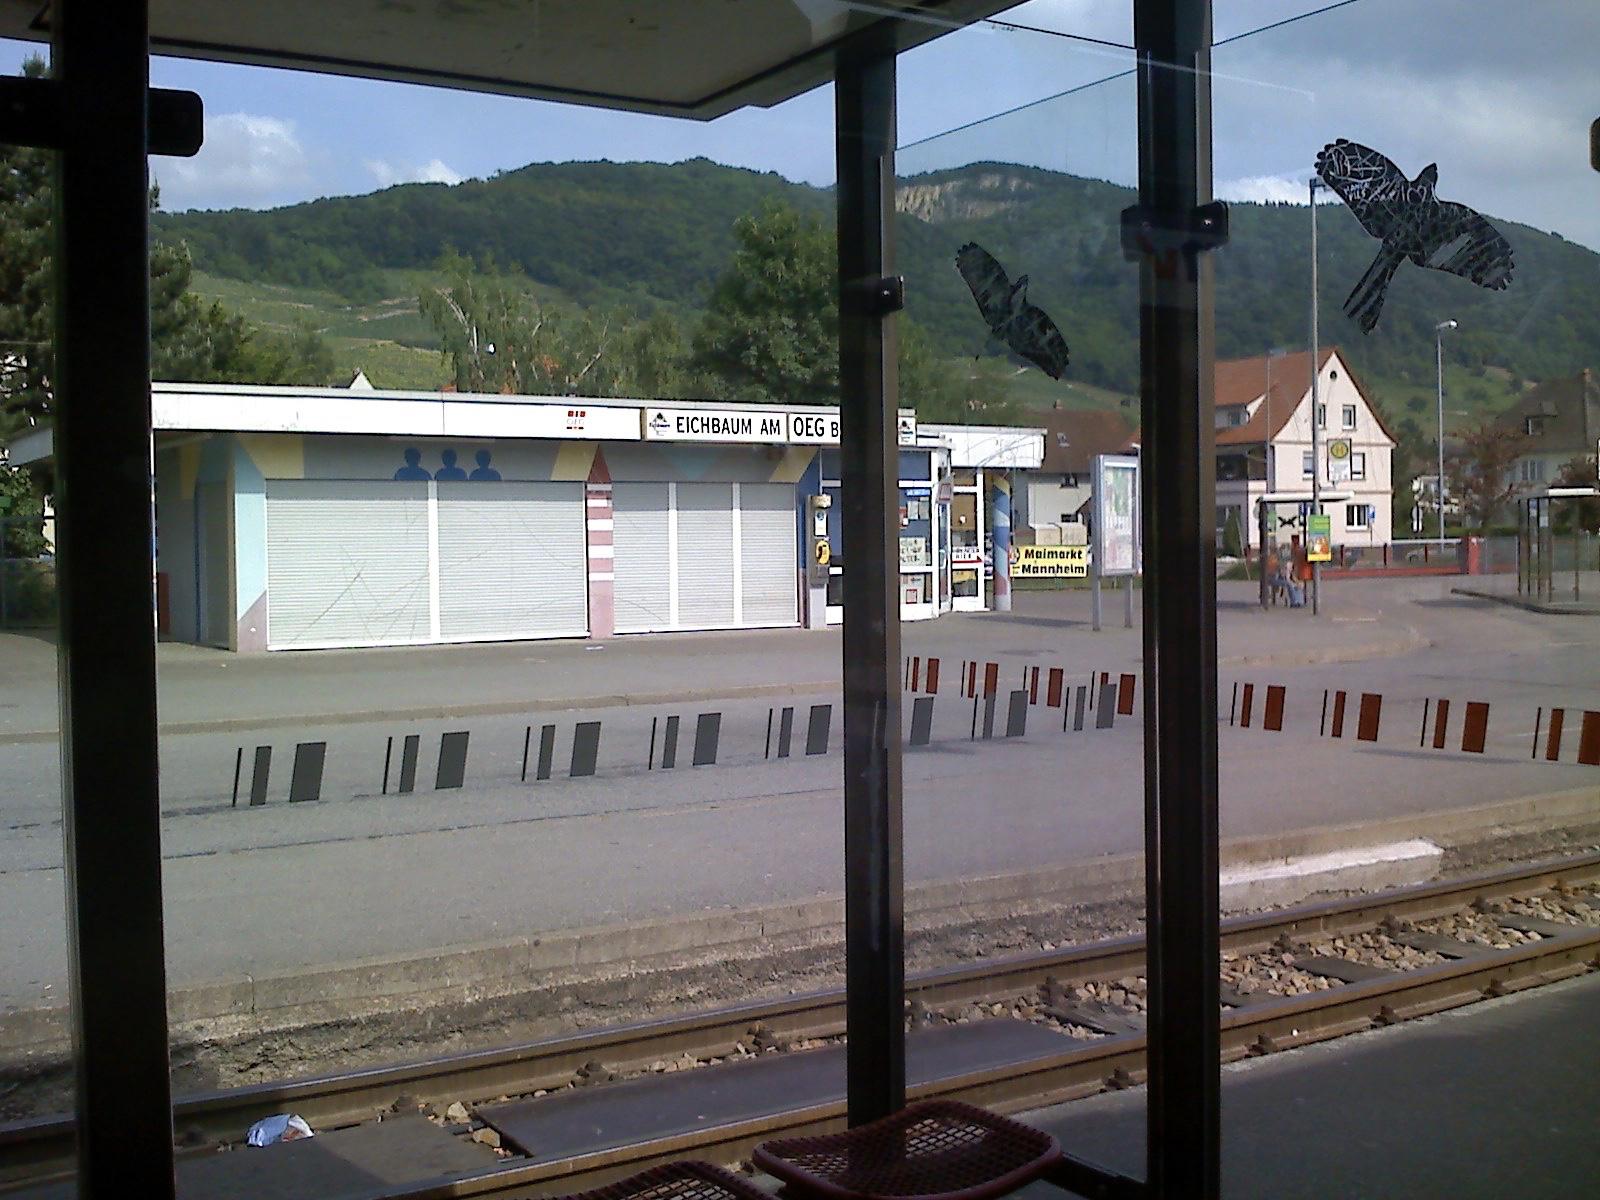 Kategorie:Bild (Schienenverkehr im Rhein-Neckar-Kreis